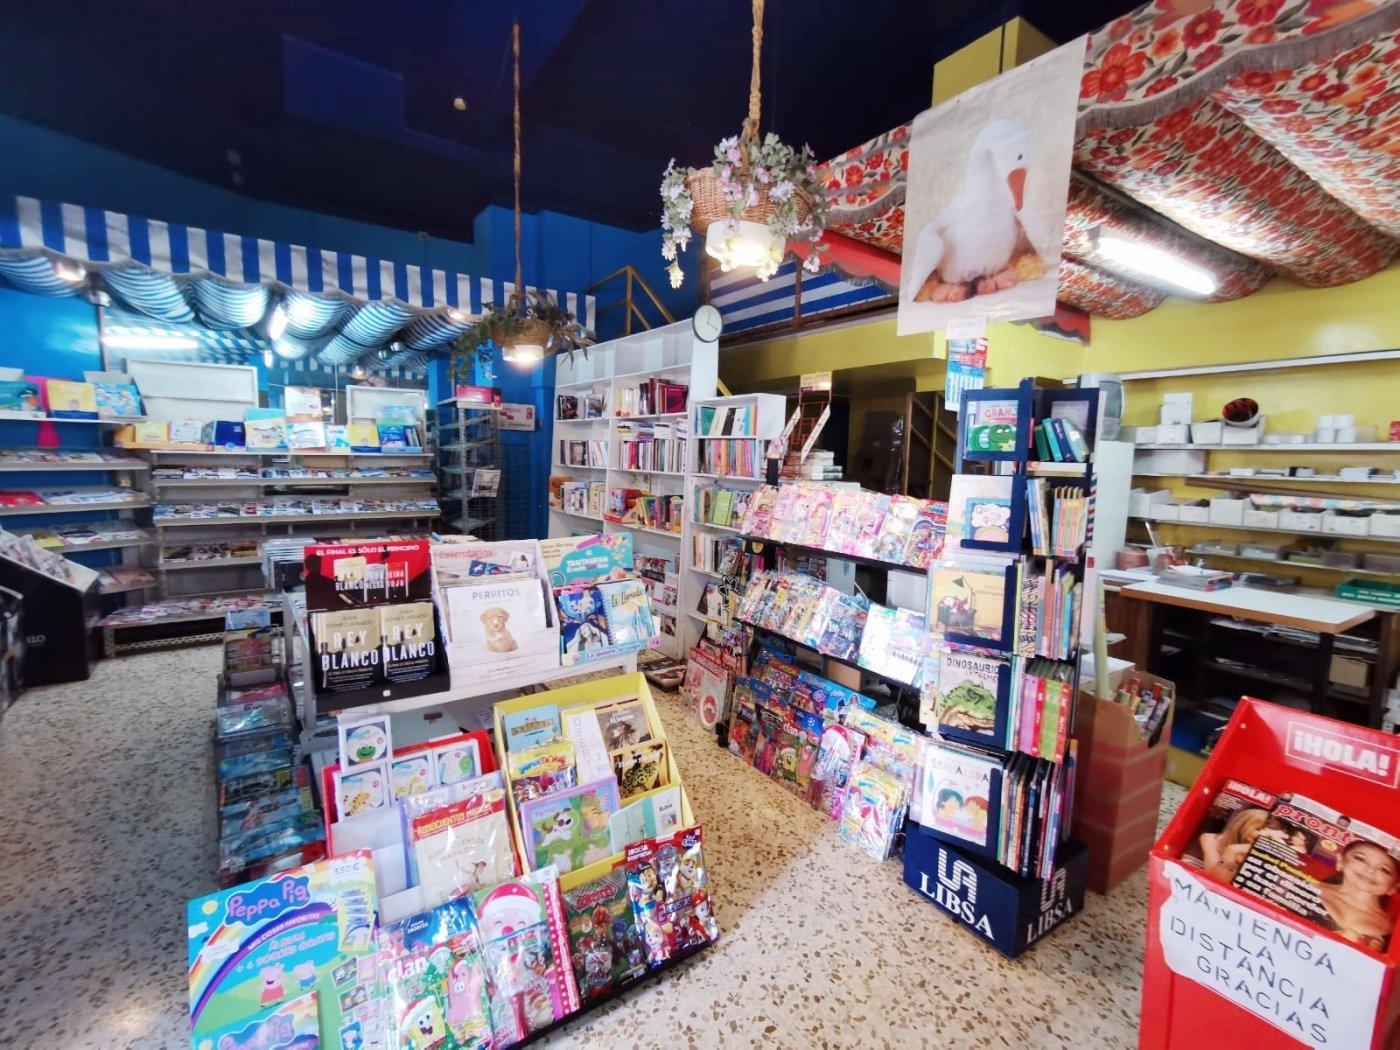 Se vente local comercial en bons aires(cerca de la calle blanquerna y generar riera ) - imagenInmueble2